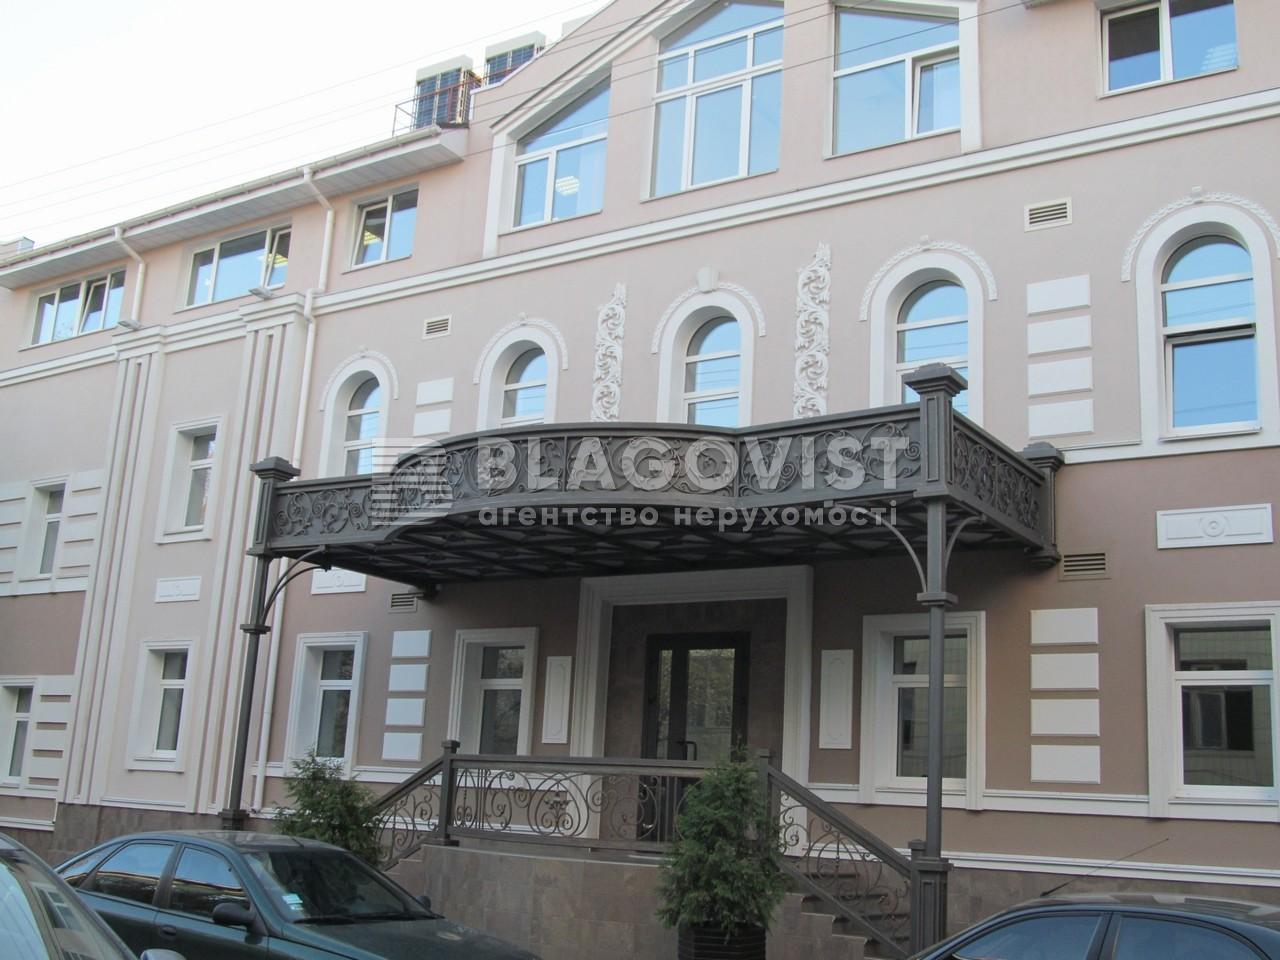 Дом, Z-1196956, Брюллова, Киев - Фото 3